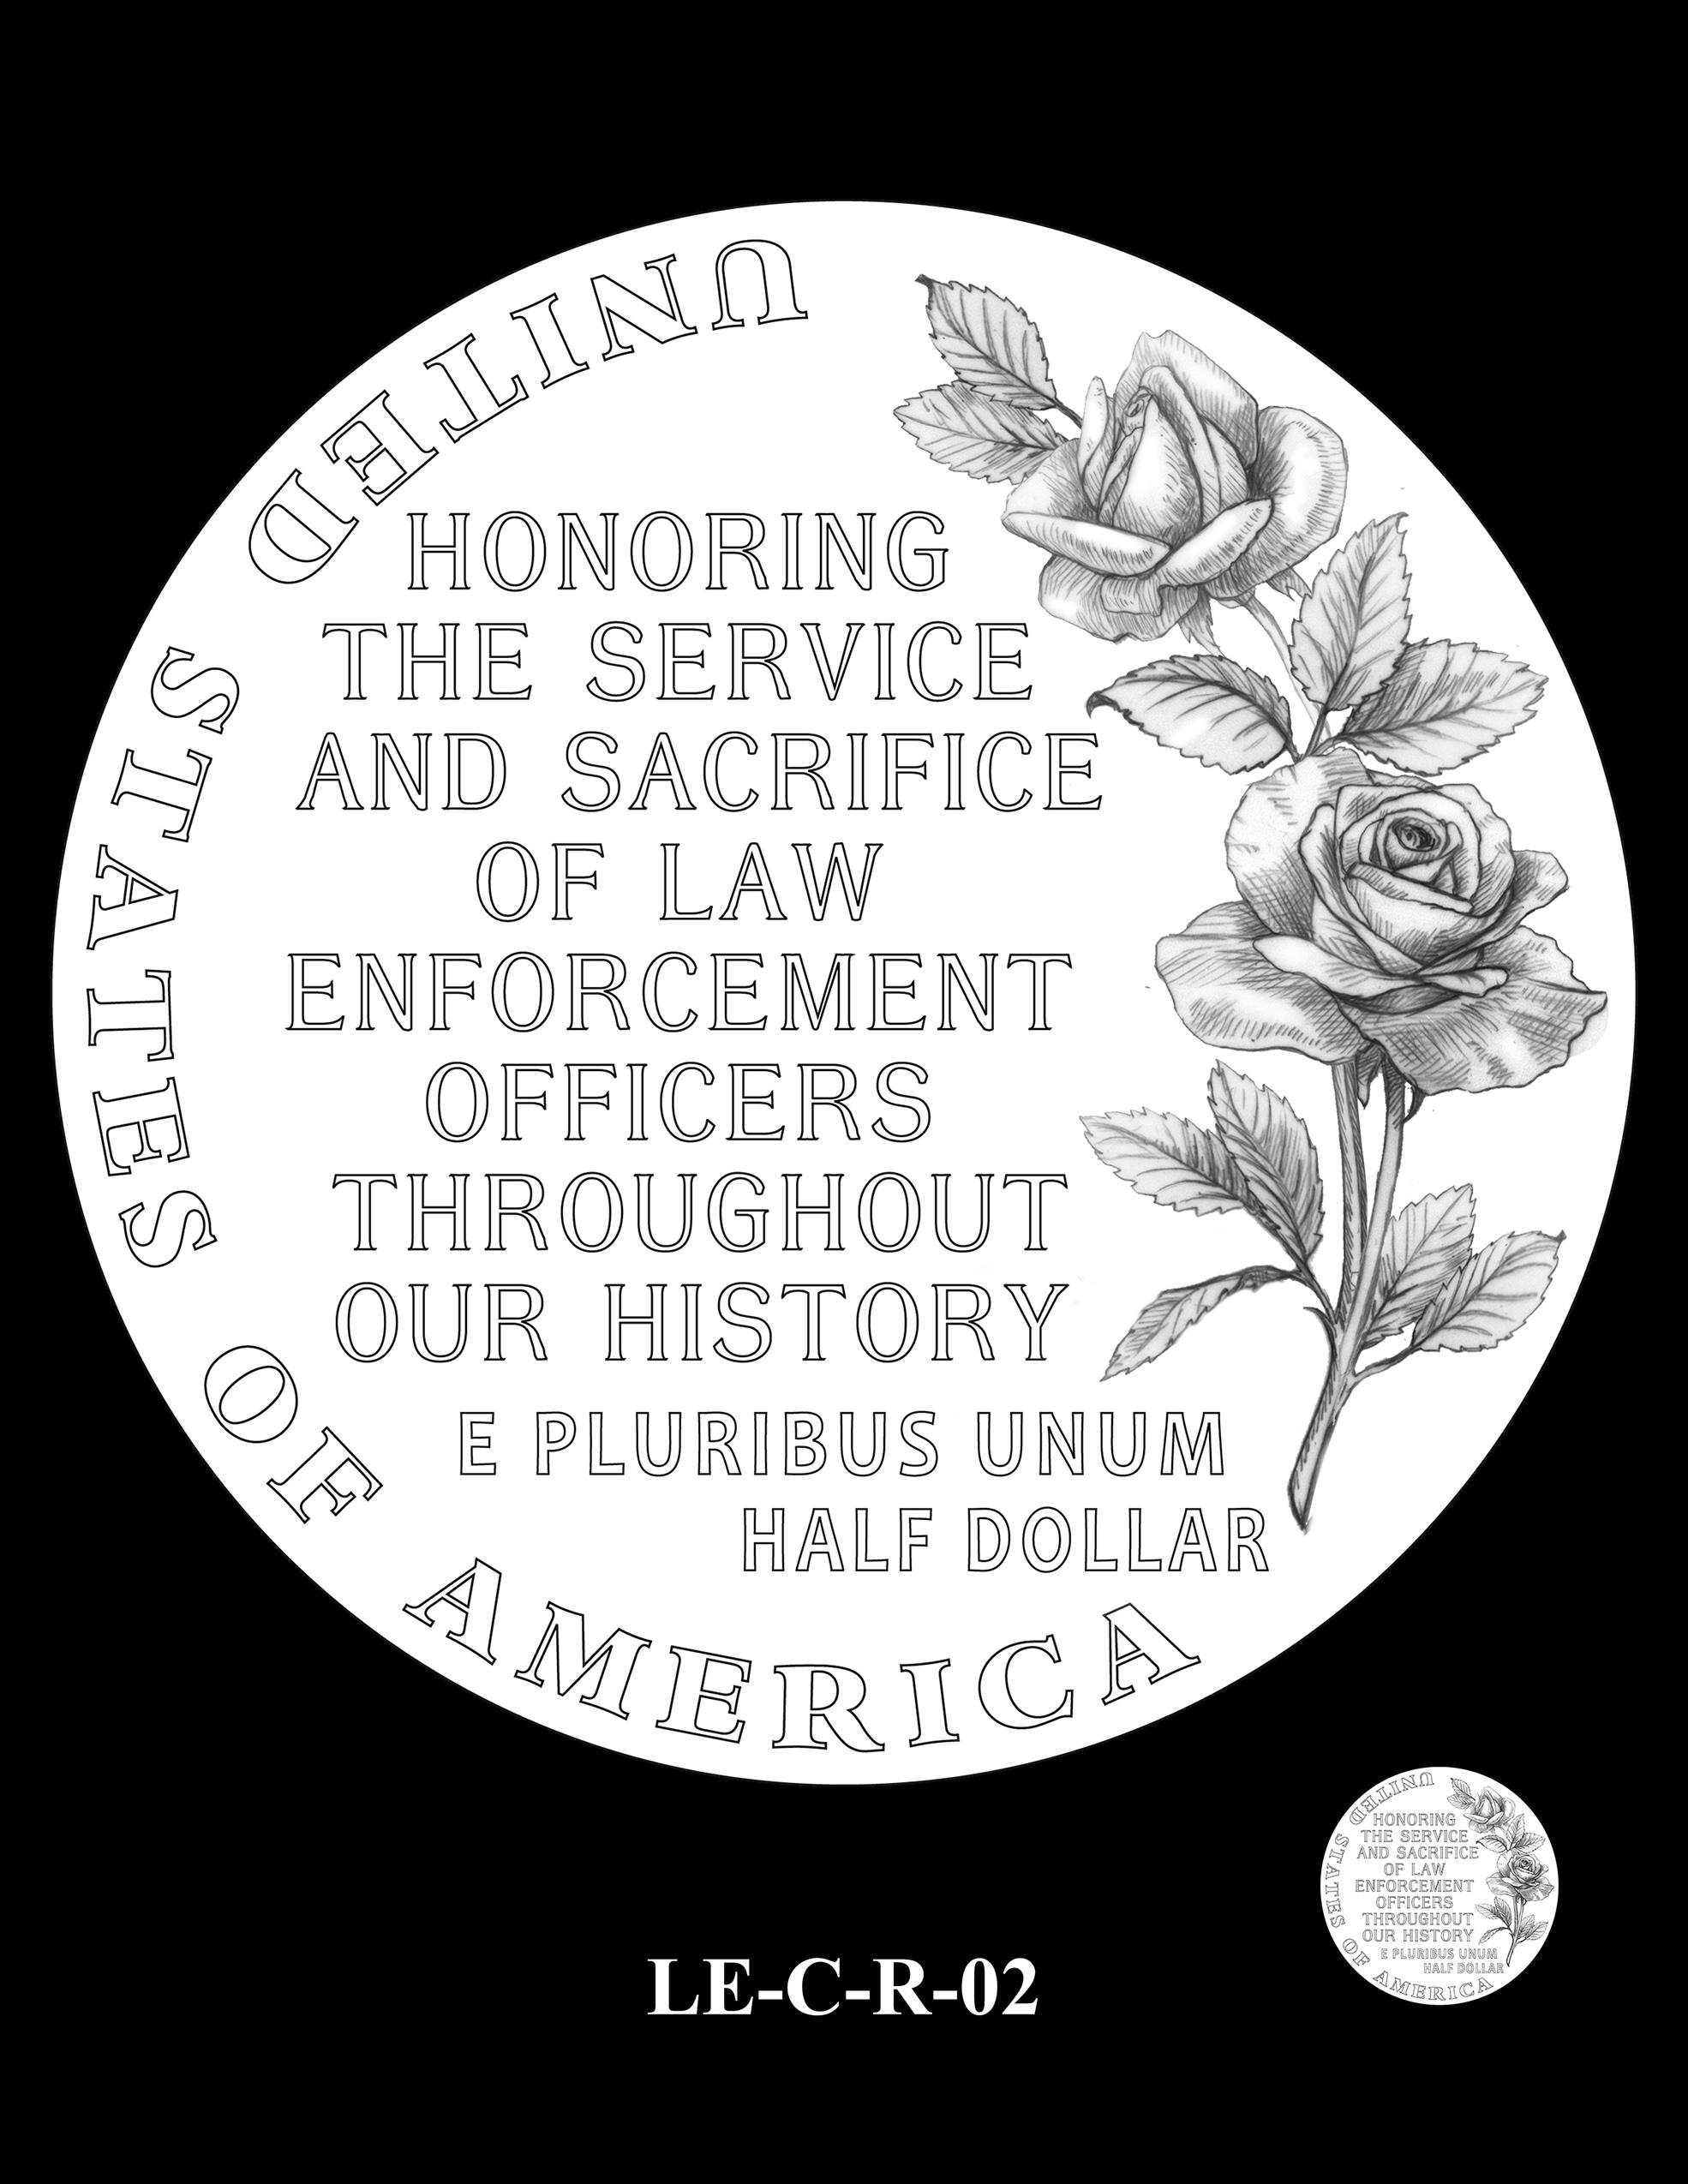 LE-C-R-02 -- National Law Enforcement Museum Commemorative Coin Program